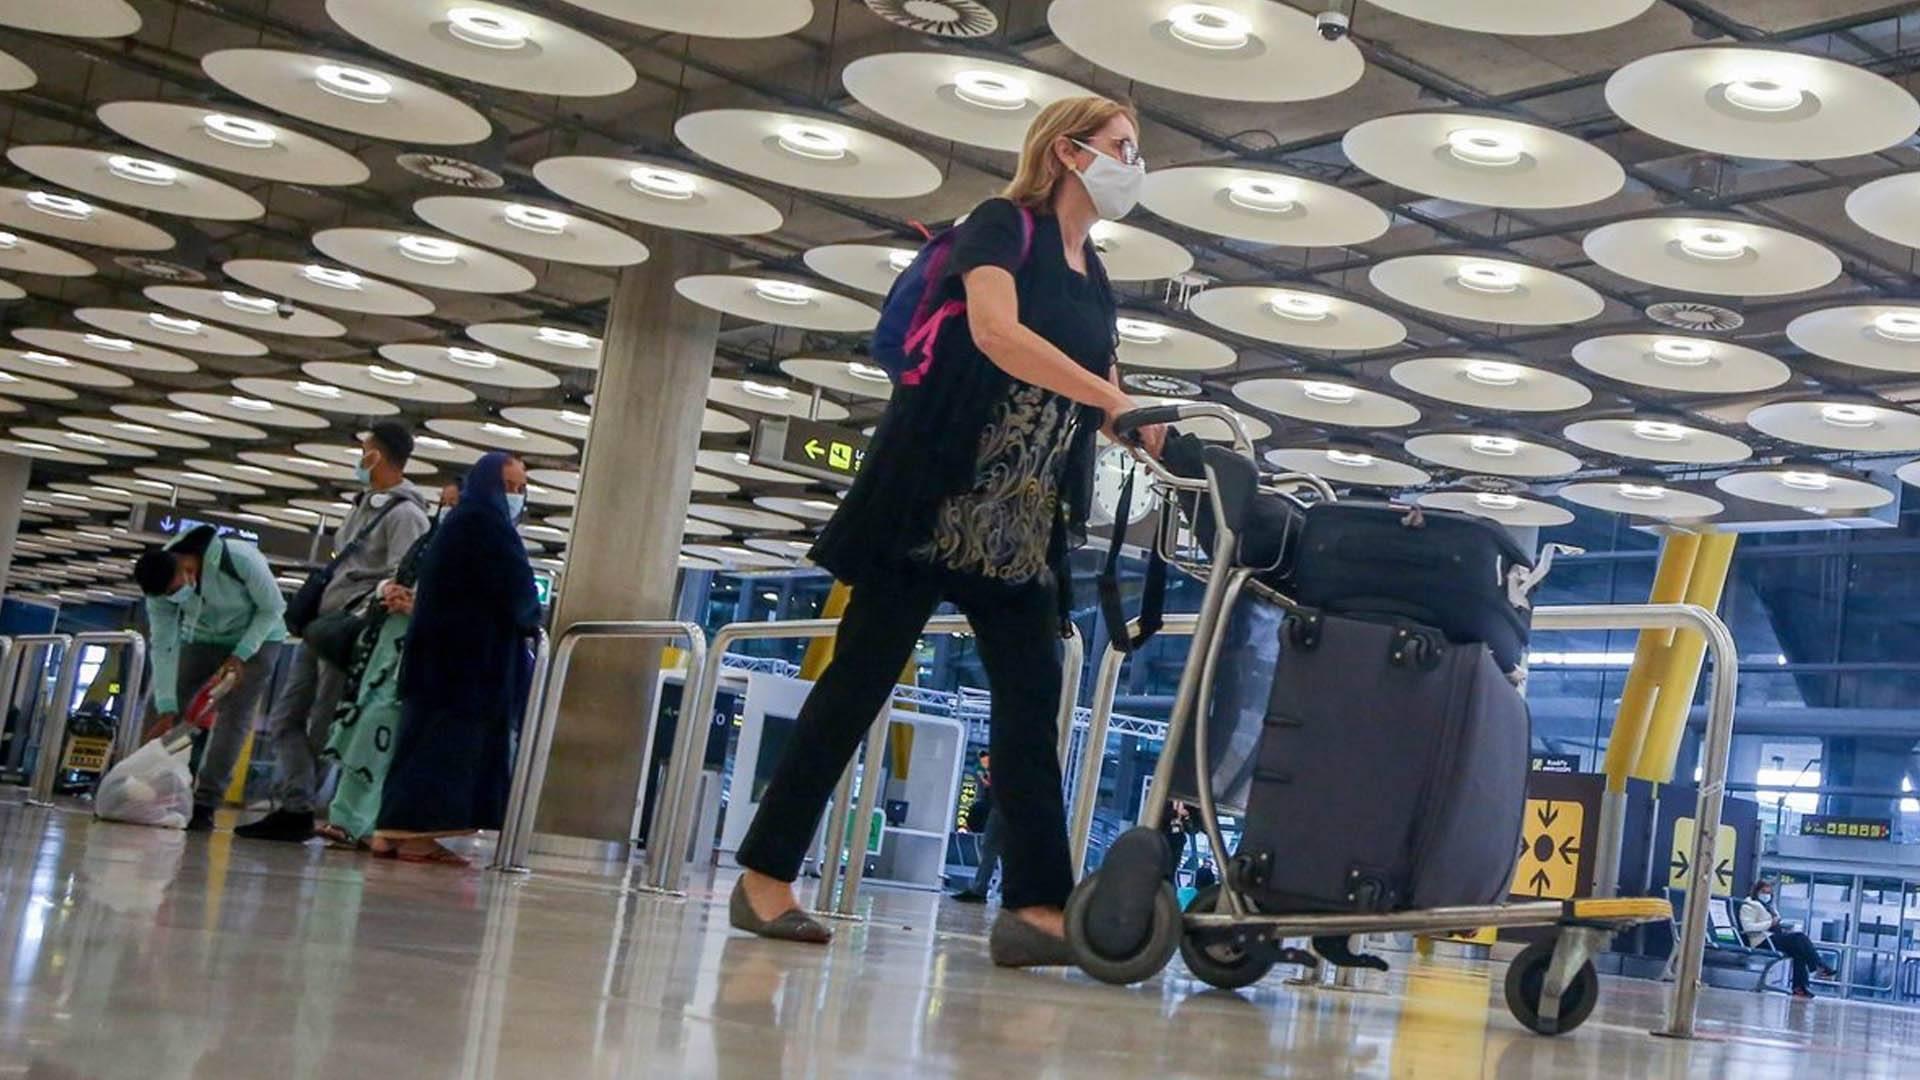 Un tercio de los españoles que trabajan en el extranjero son reacios a trasladarse a otro país por miedo al COVID